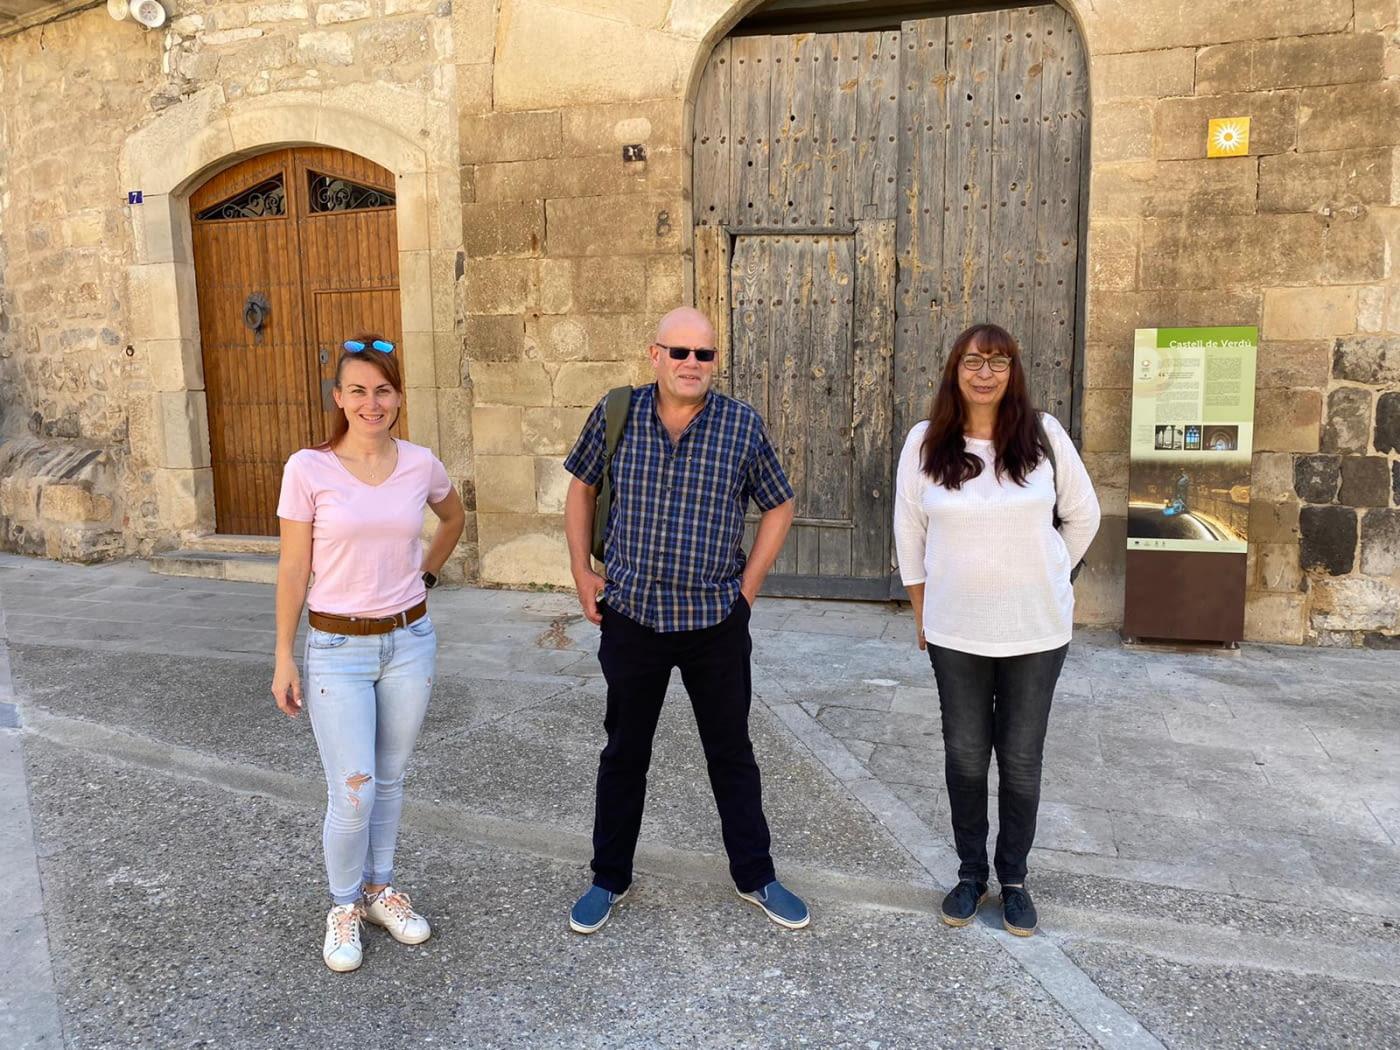 Un  periodista anglès s'interessa pel Camí ignasià a l'Urgell